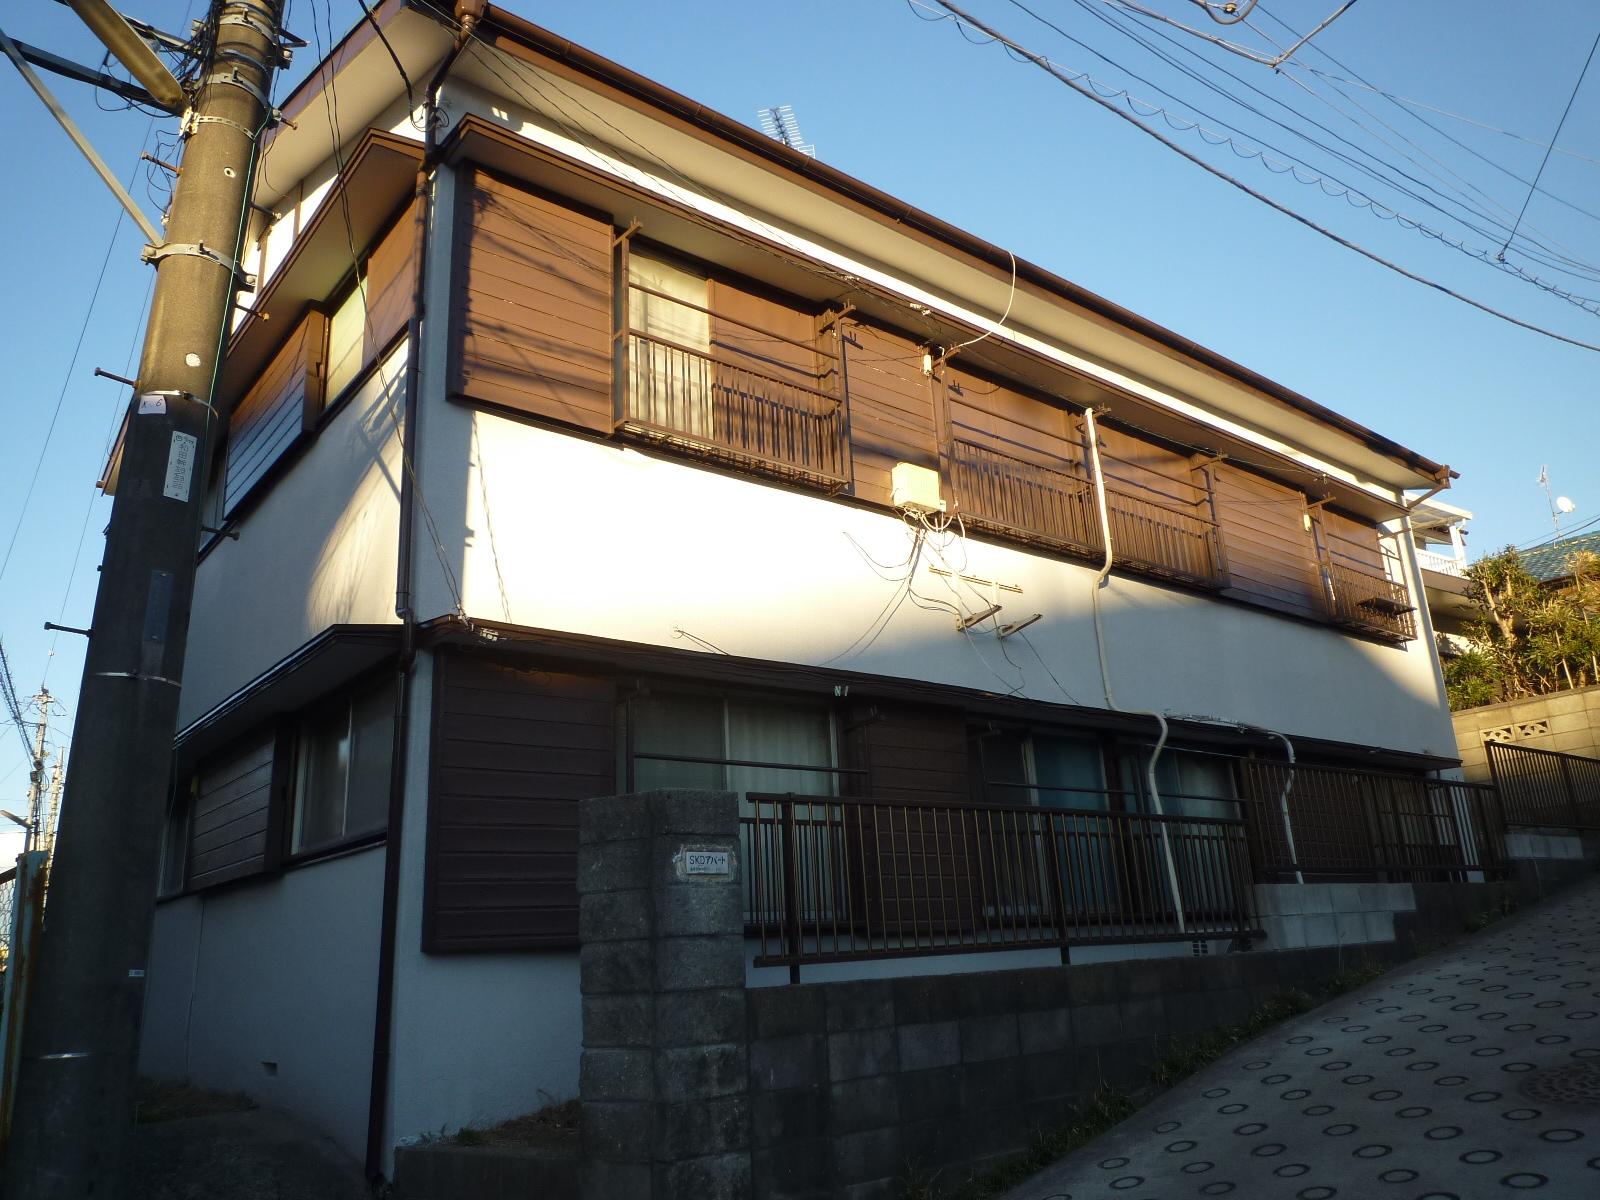 社有アパートの屋根外壁塗装工事終了後の写真